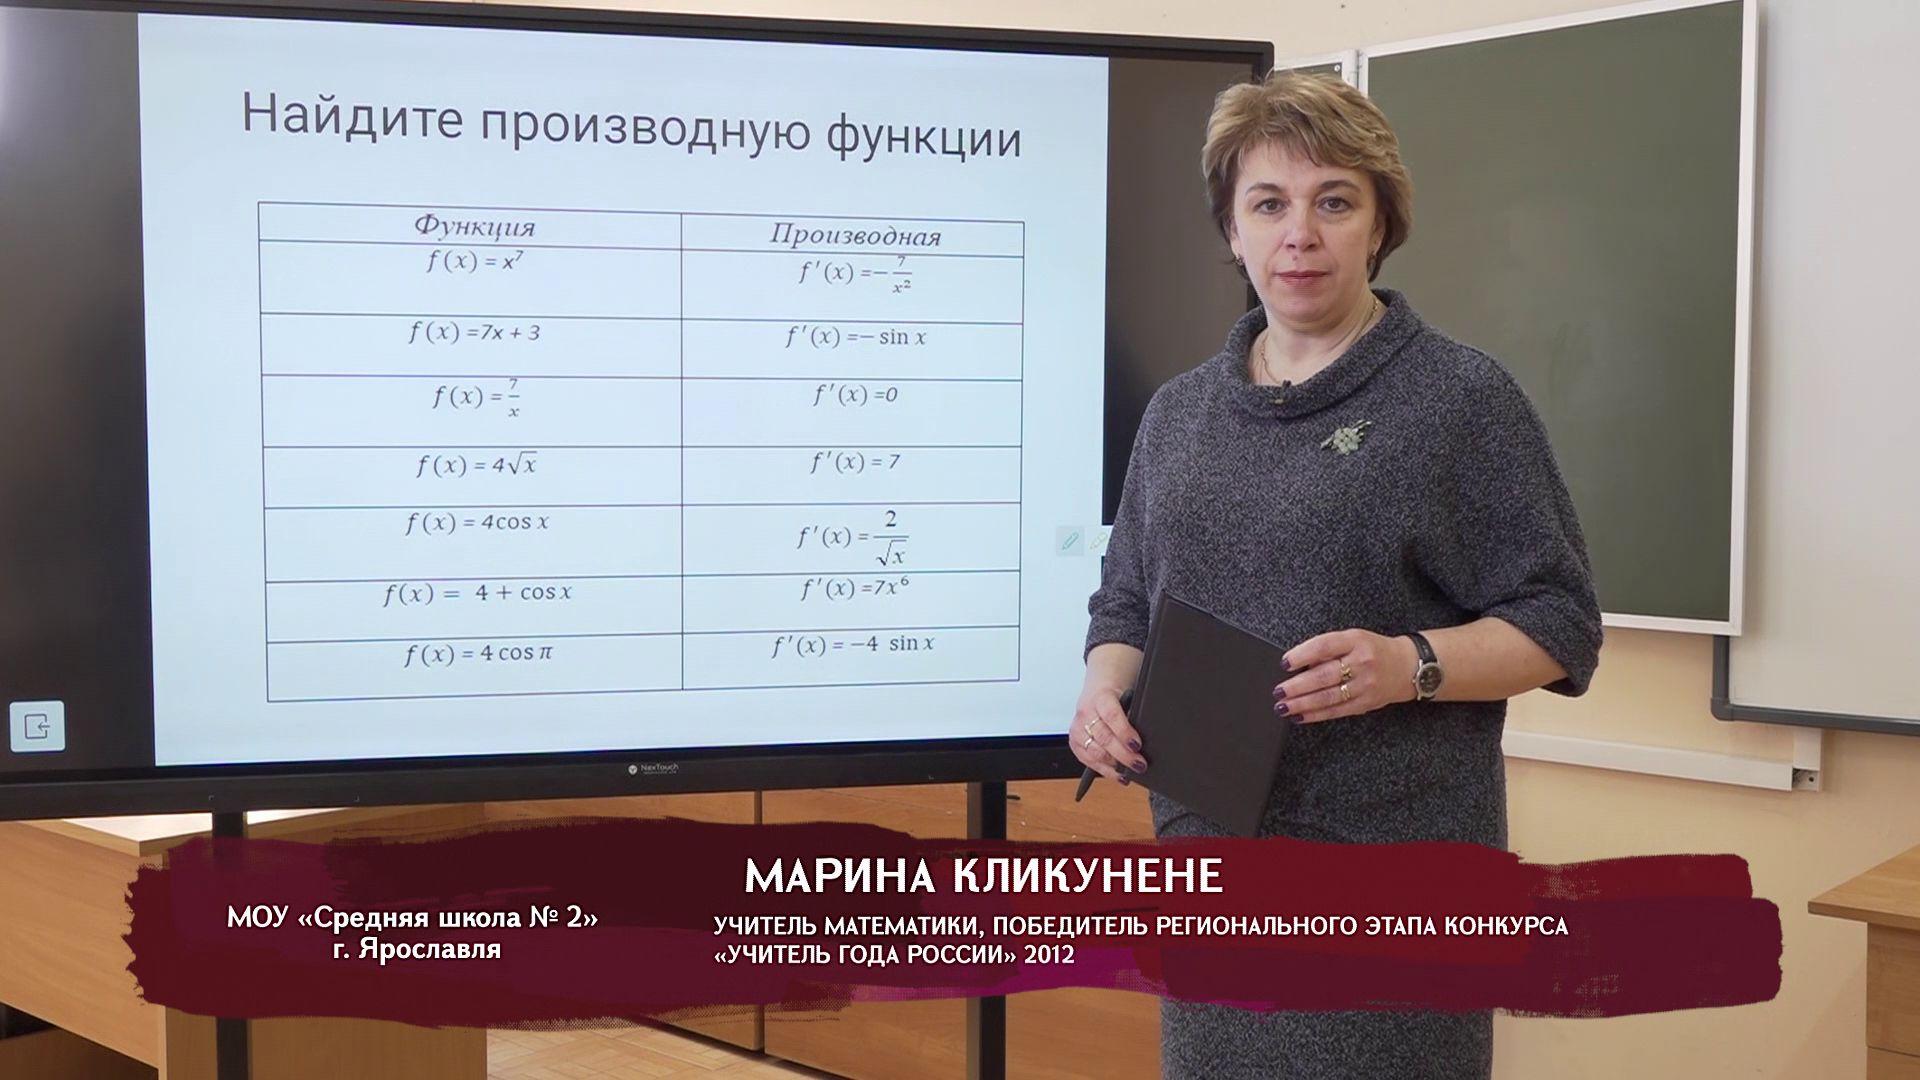 Телеуроки. Марина Кликунене. «Применение производной в исследовании функций на монотонность»